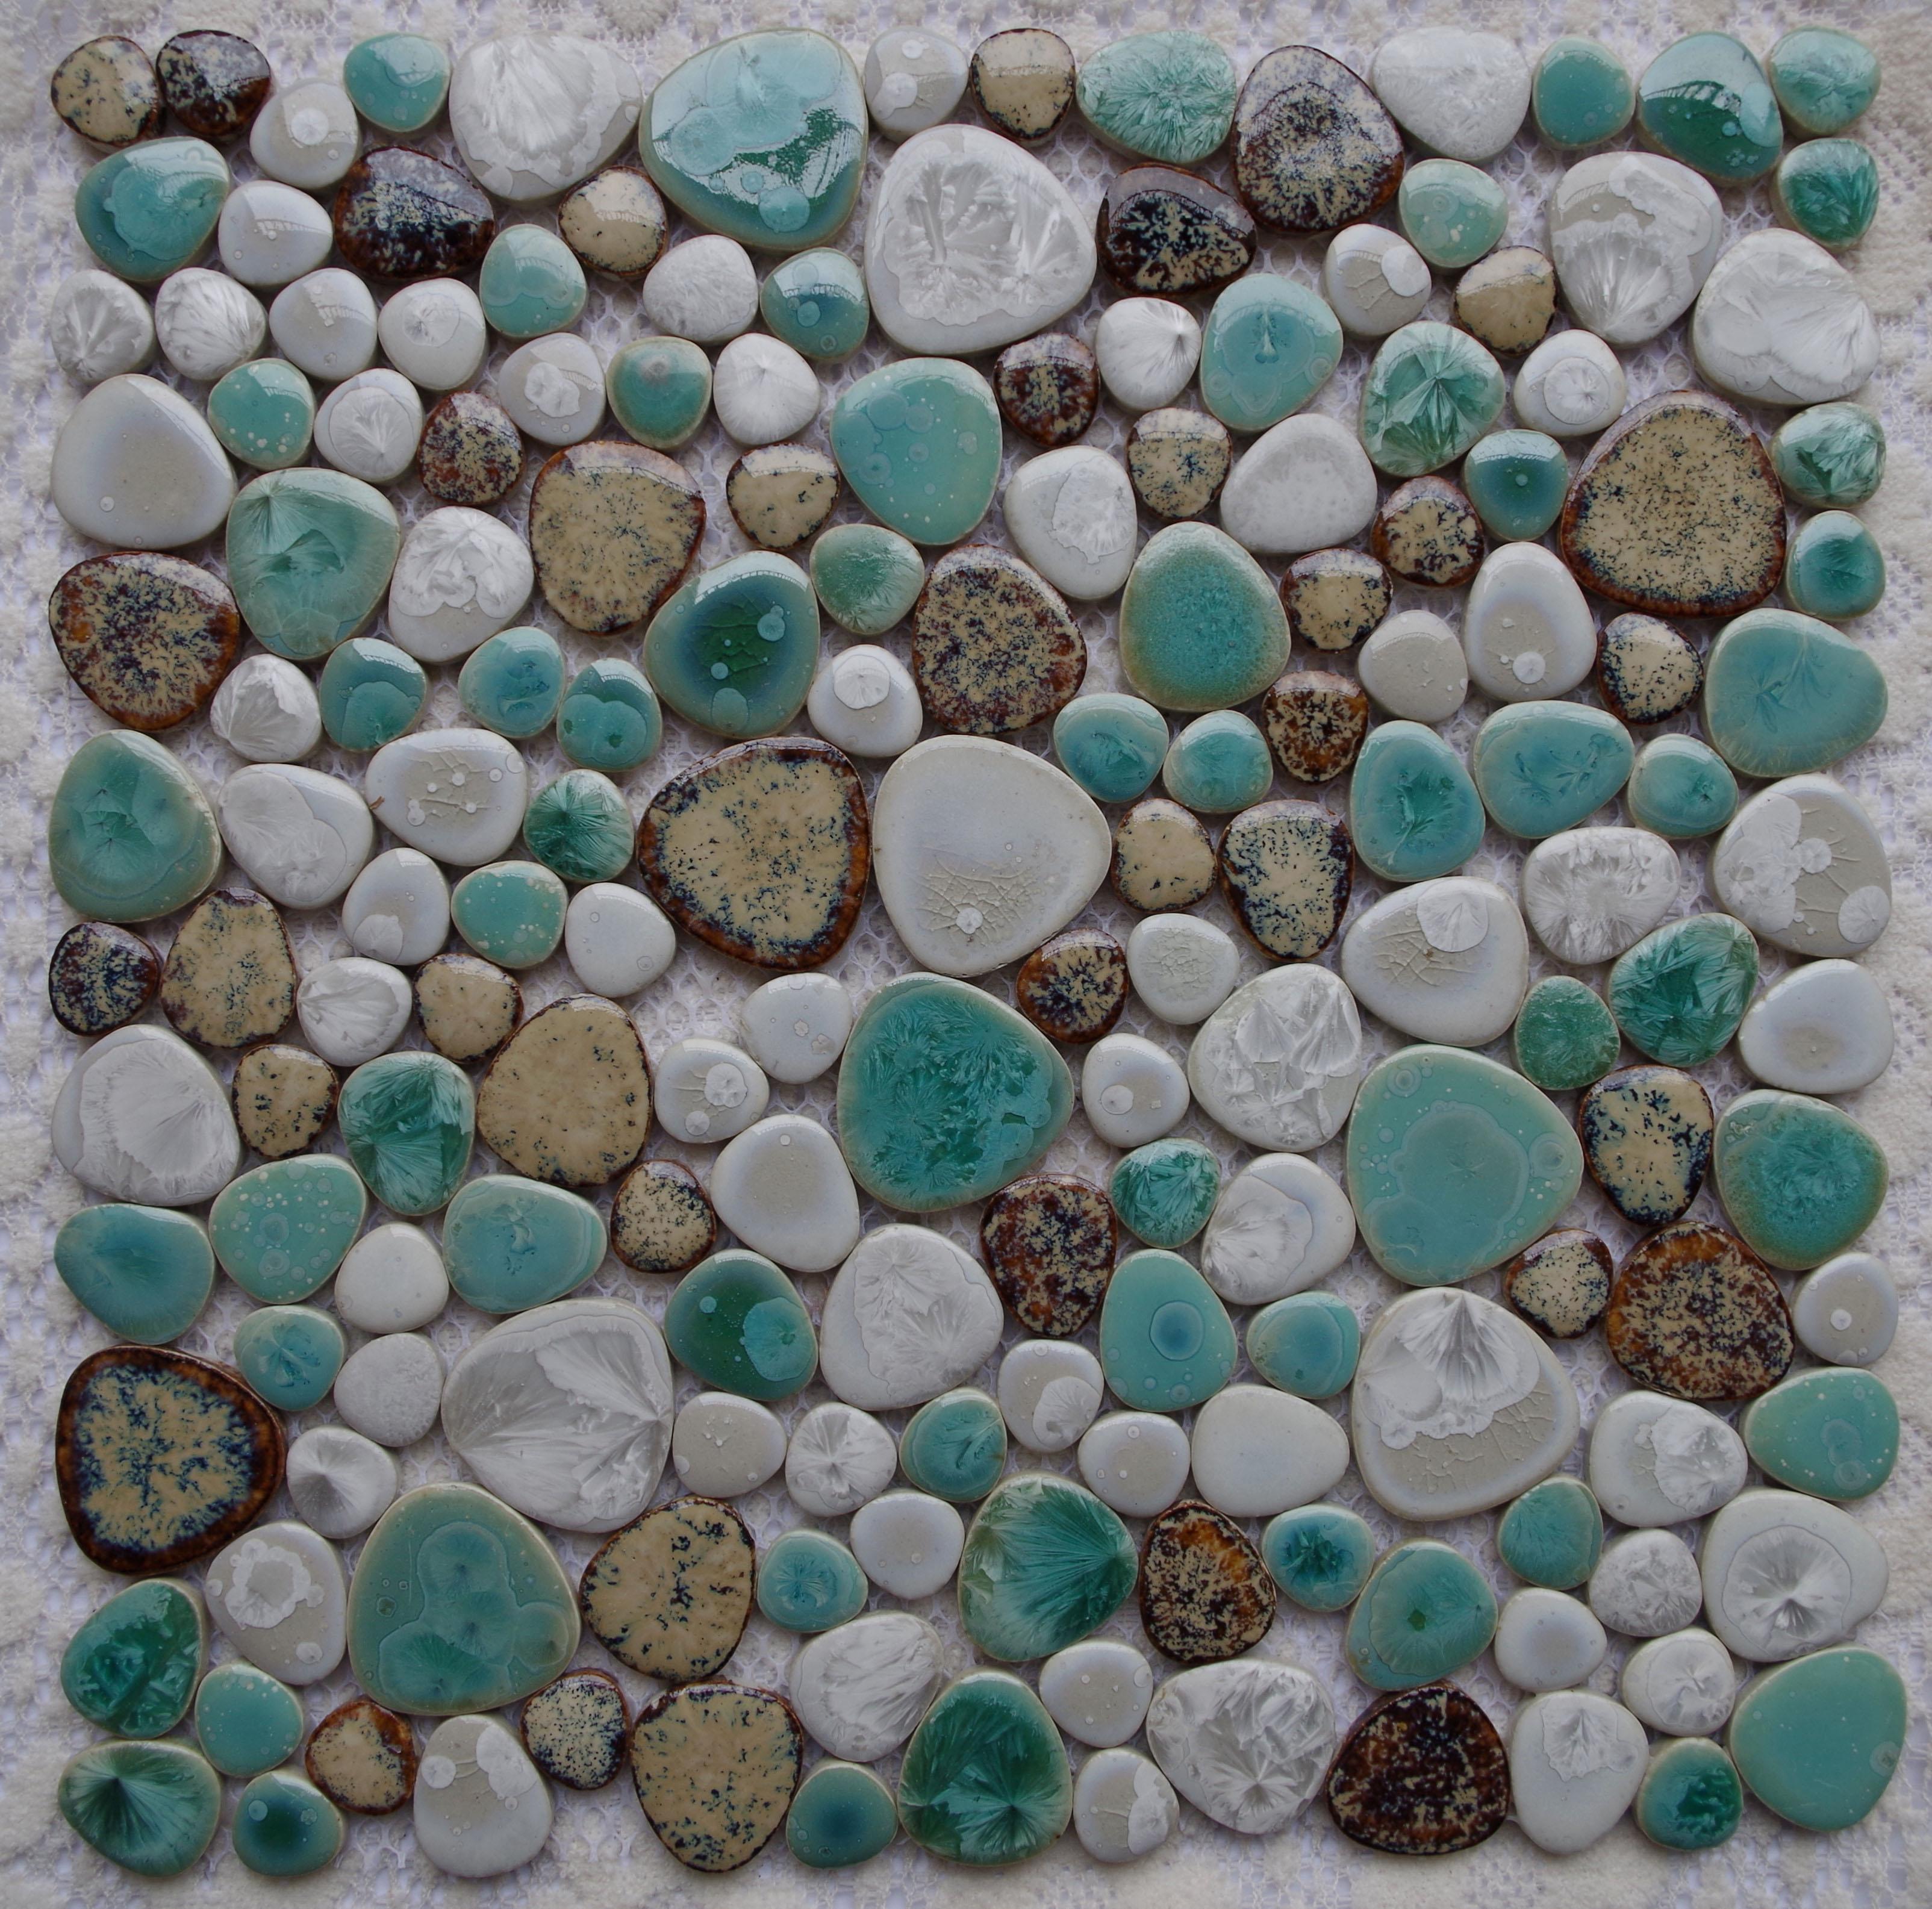 Wohnzimmerz: Mosaikfliesen Bad With Pebble Fliesen MosaikKaufen ...